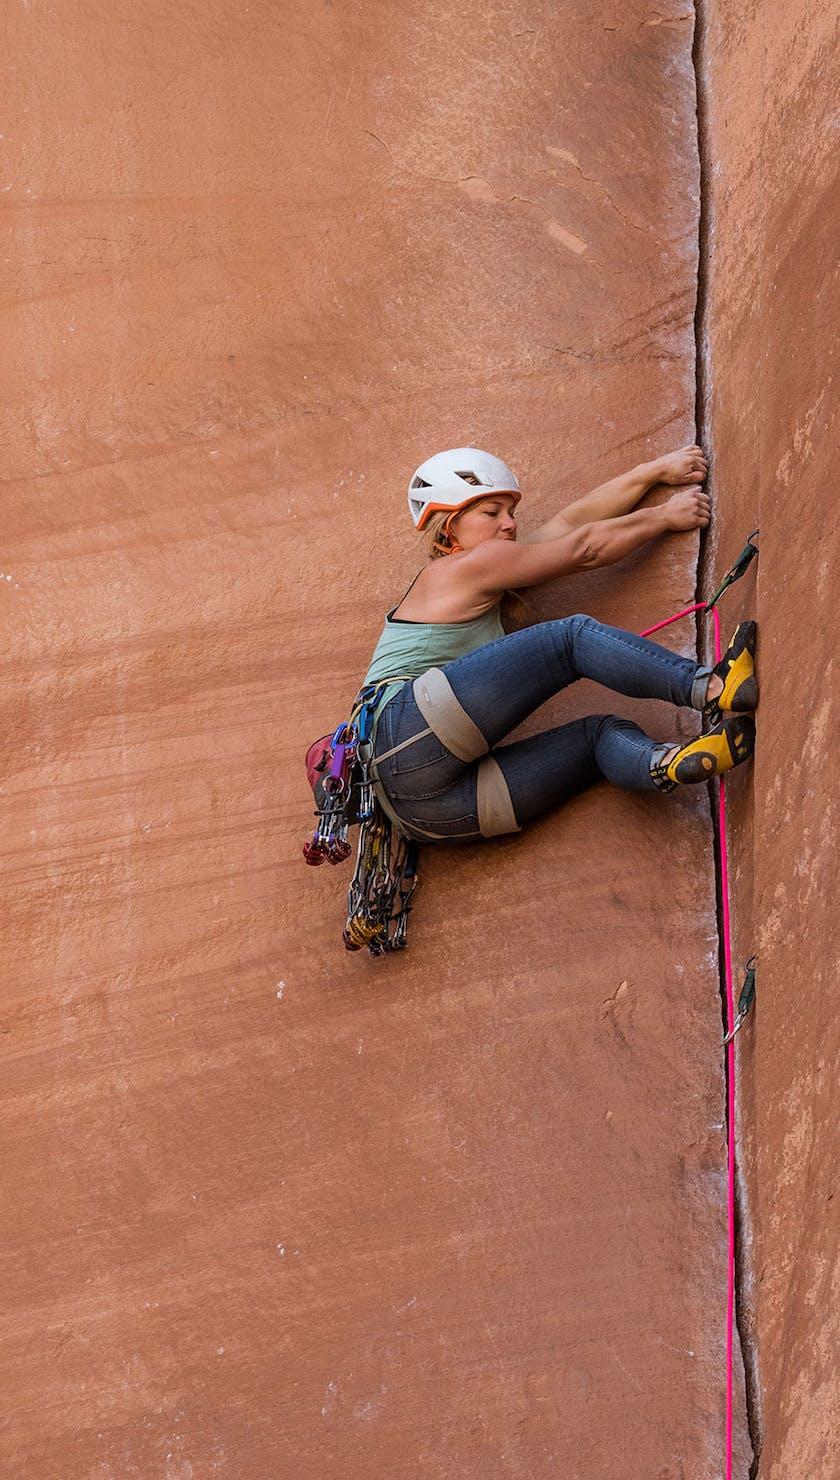 Hazel Findlay climbing a crack